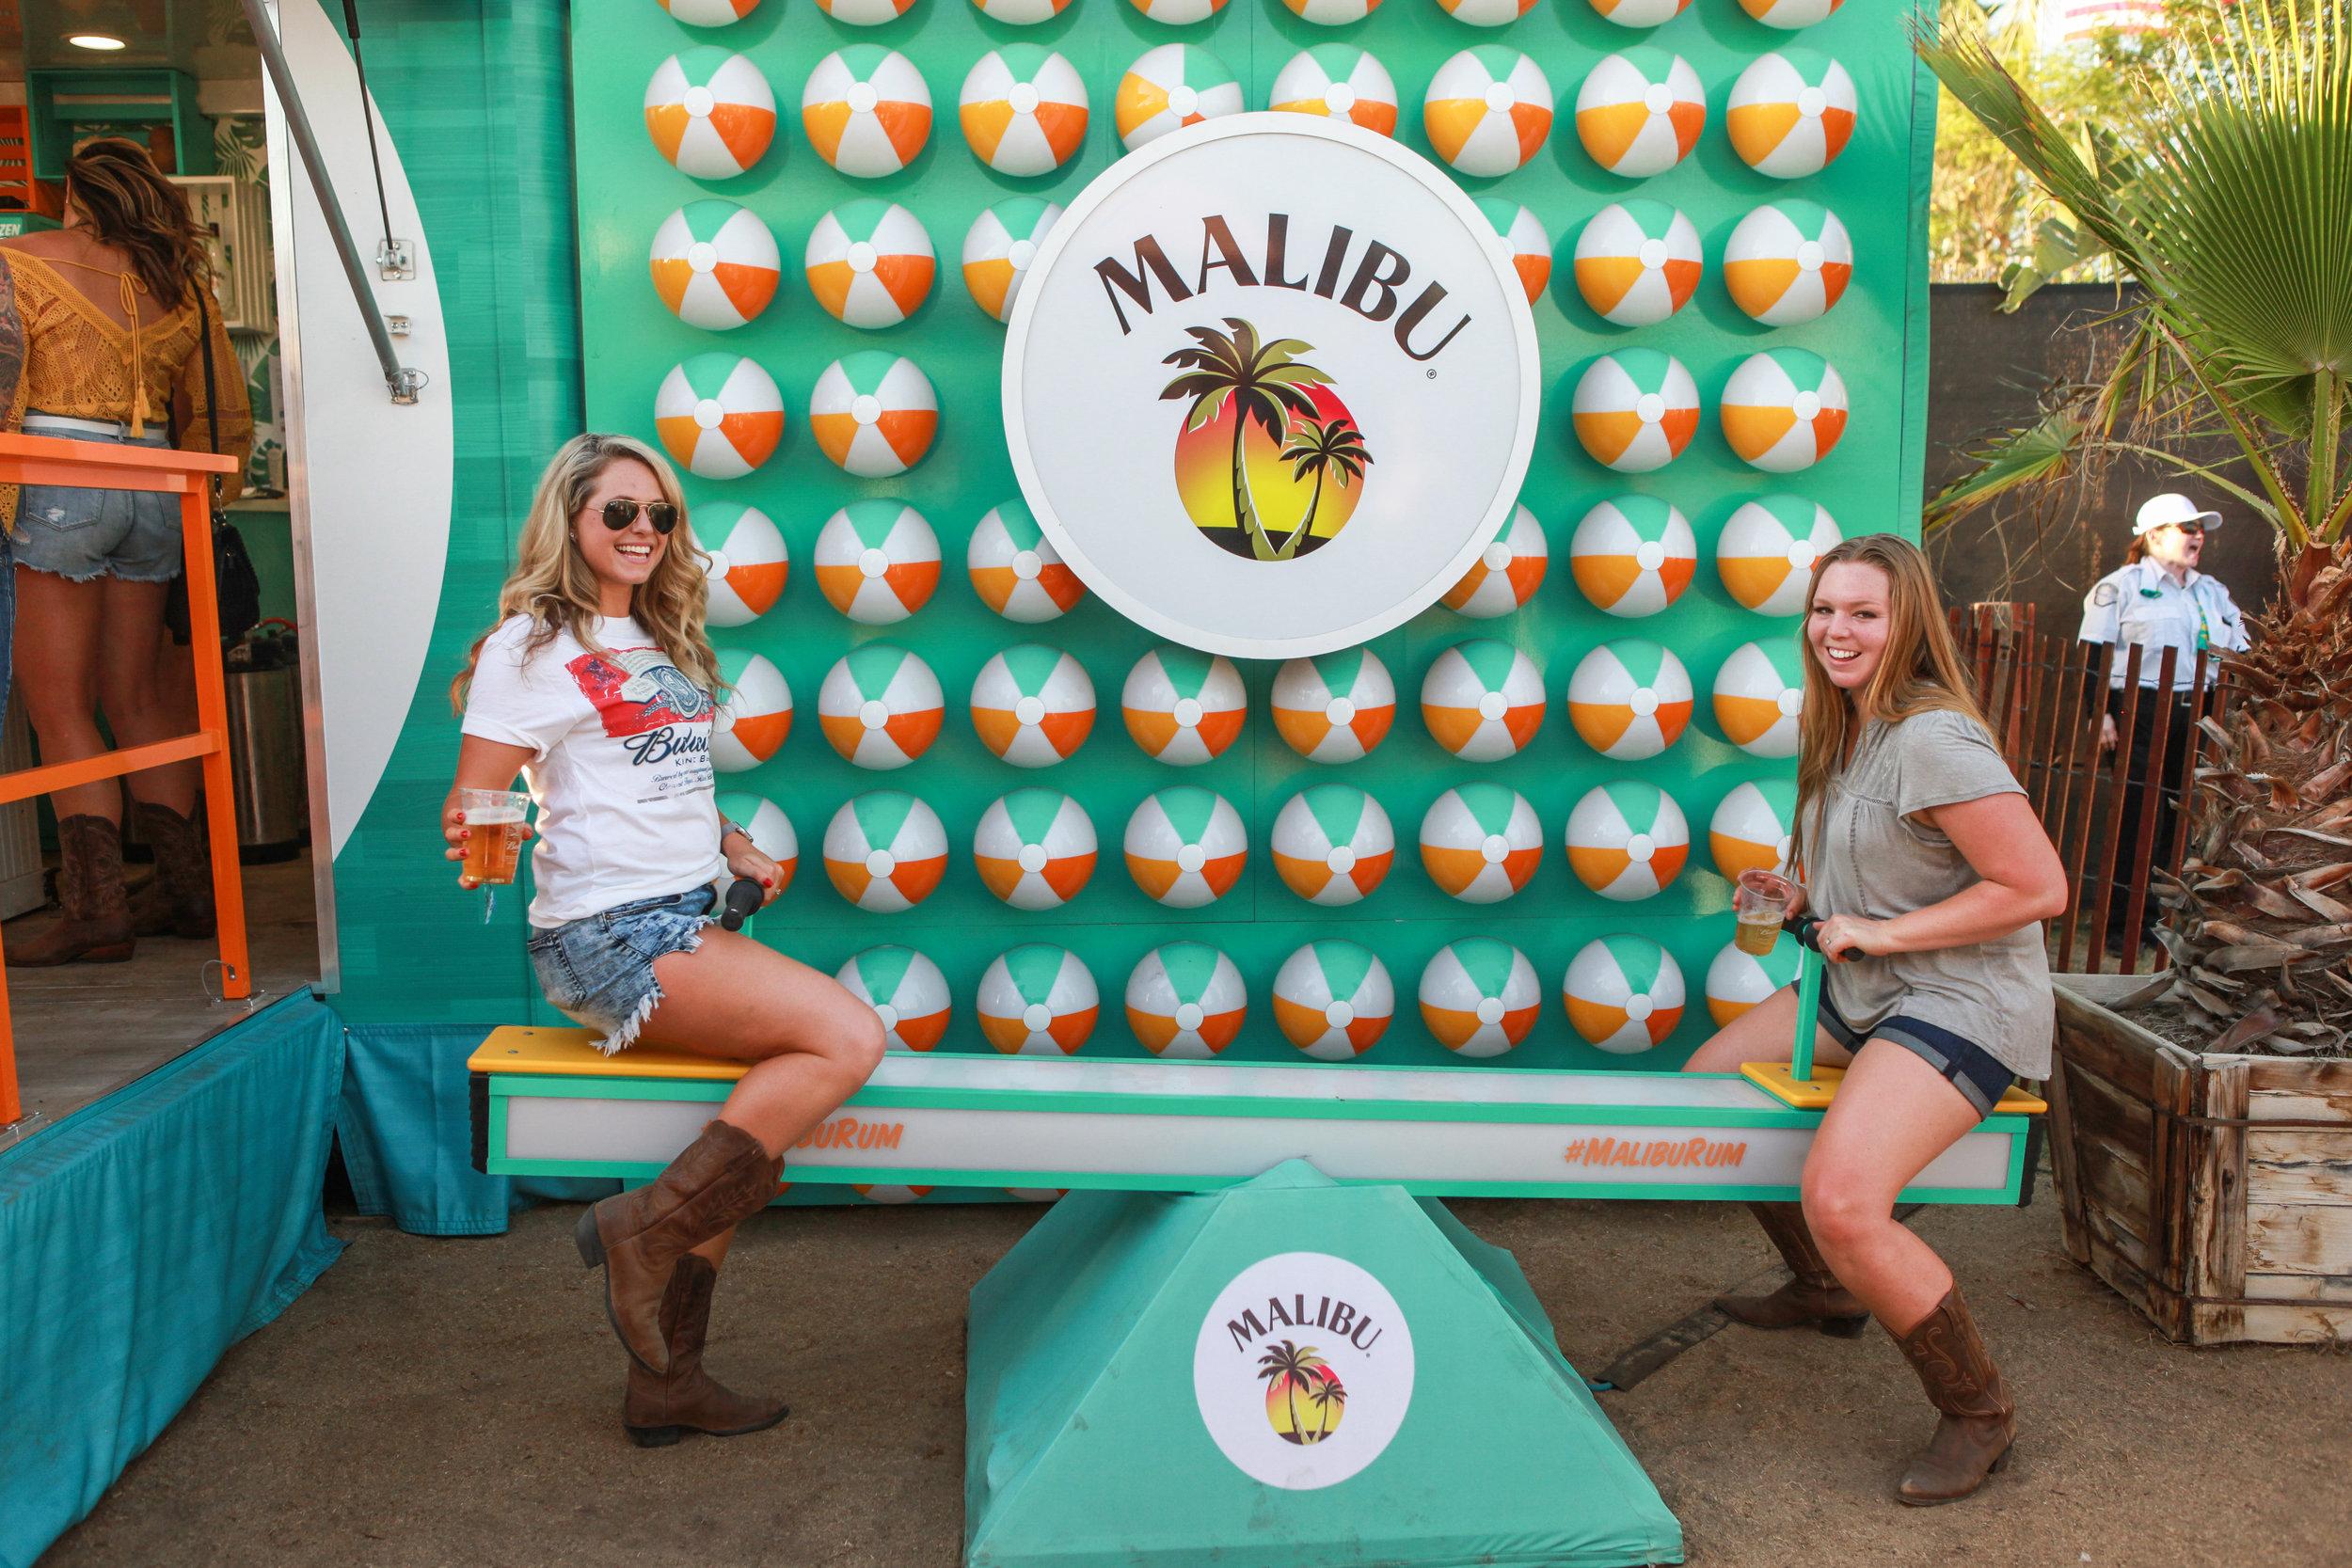 OHelloMedia-Malibu@StagecoachFestival04.26-TopSelect-9316.jpg